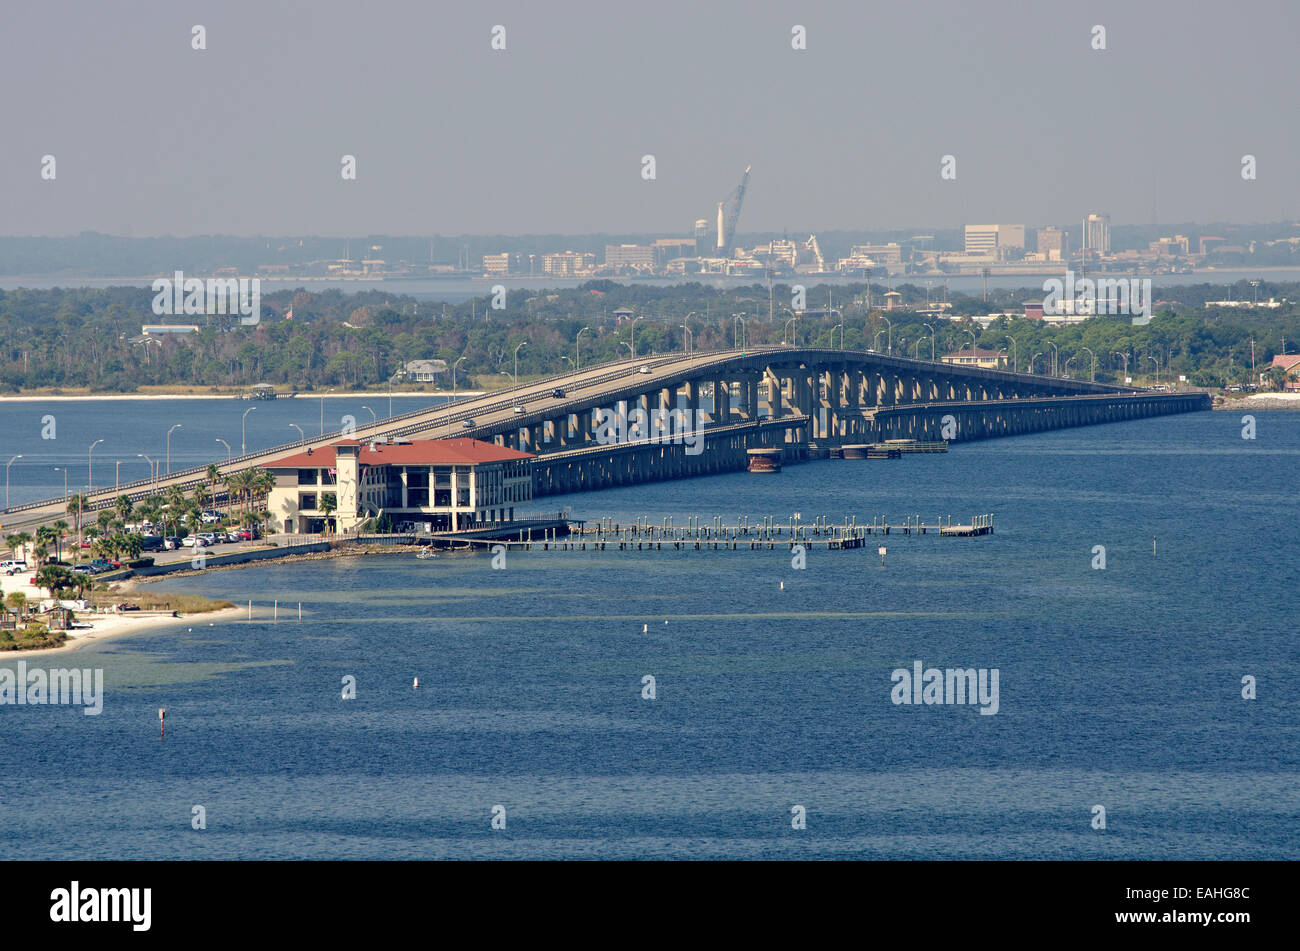 Toll Bridge over Santa Rosa Sound between Pensacola and Pensacola Beach Florida USA - Stock Image